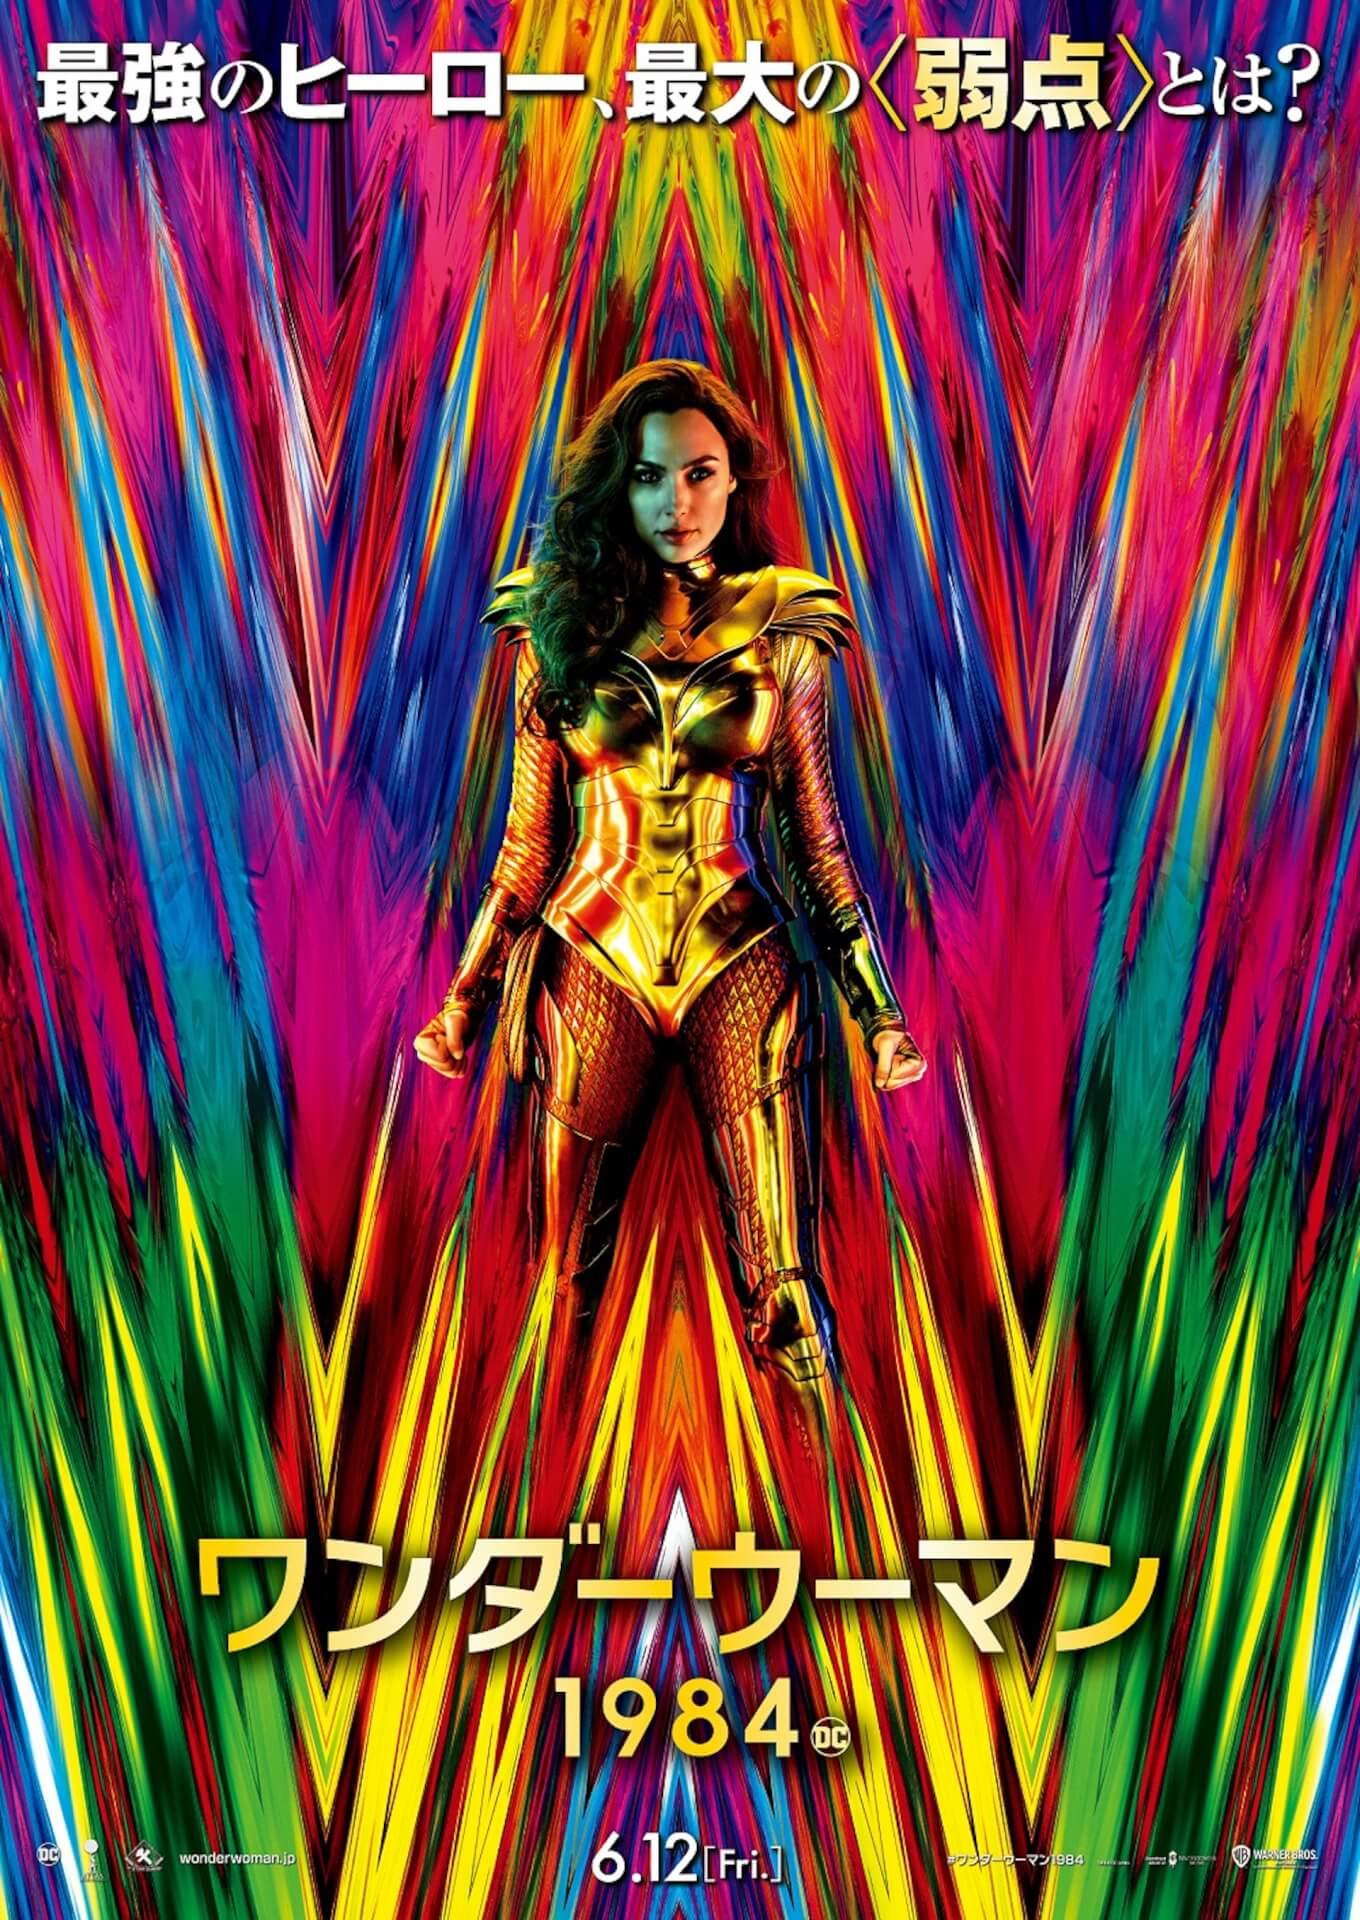 """ワンダーウーマンの唯一の""""弱点""""とは......?『ワンダーウーマン 1984』の日本公開日が決定&新予告編解禁! film200318_wonderwoman_main"""